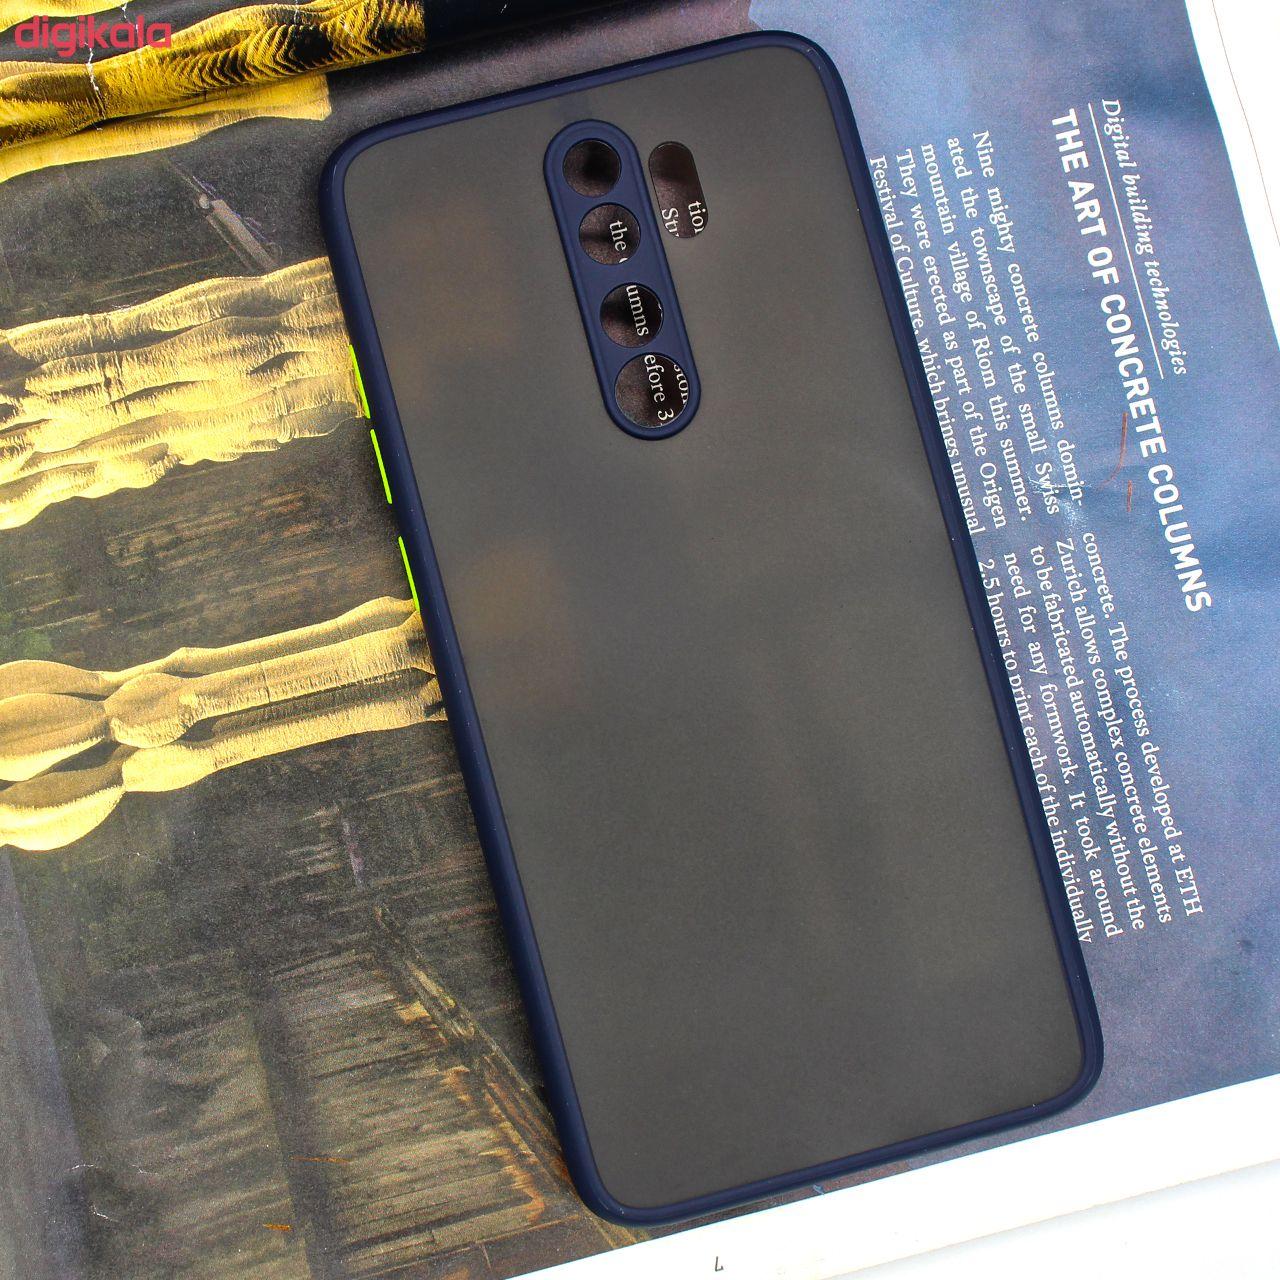 کاور کینگ پاور مدل M22 مناسب برای گوشی موبایل شیائومی Redmi Note 8 Pro main 1 16